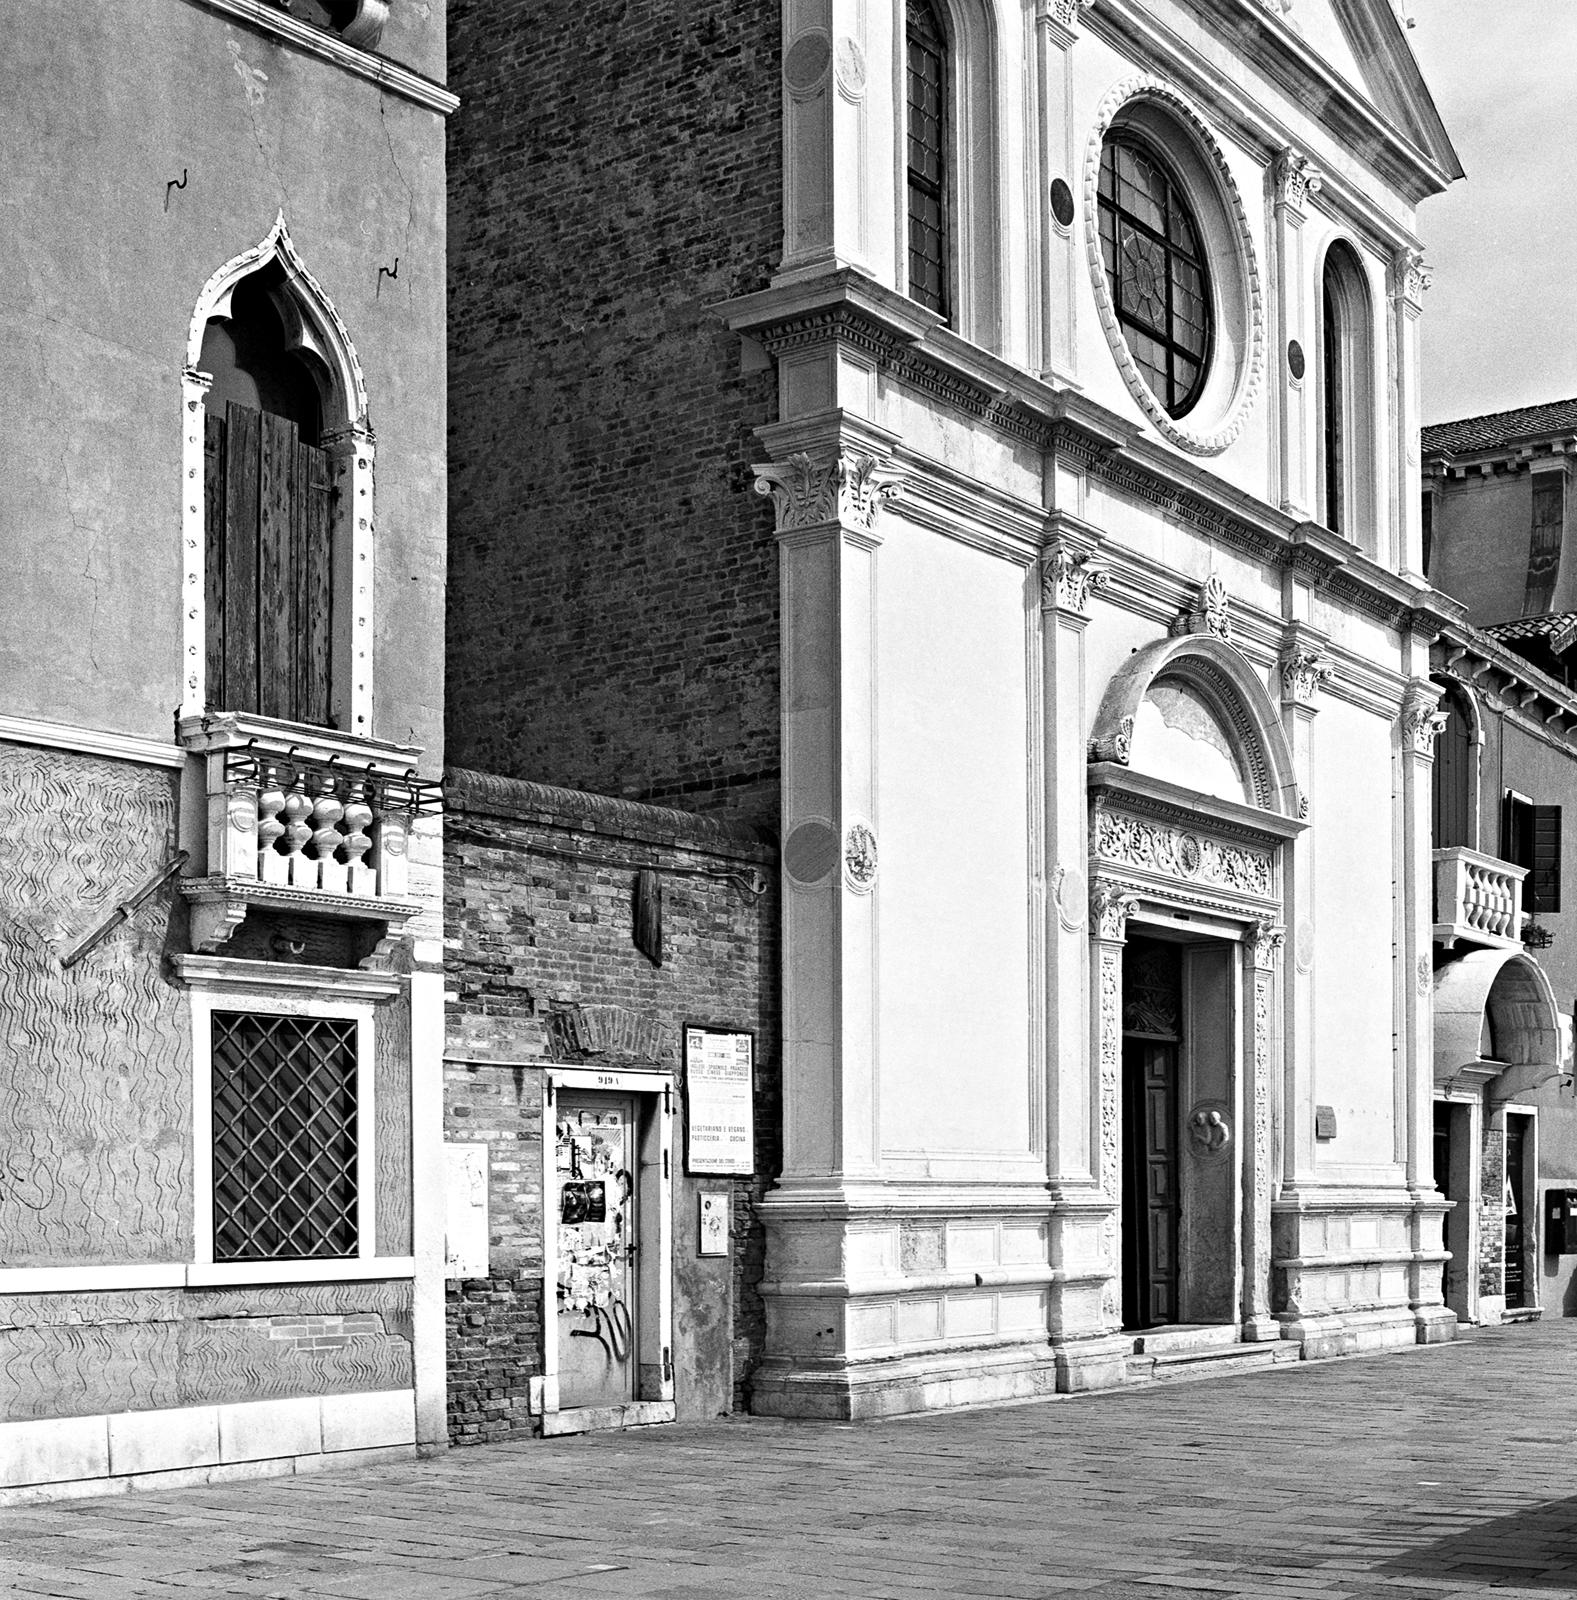 Venice-r10-003.jpg